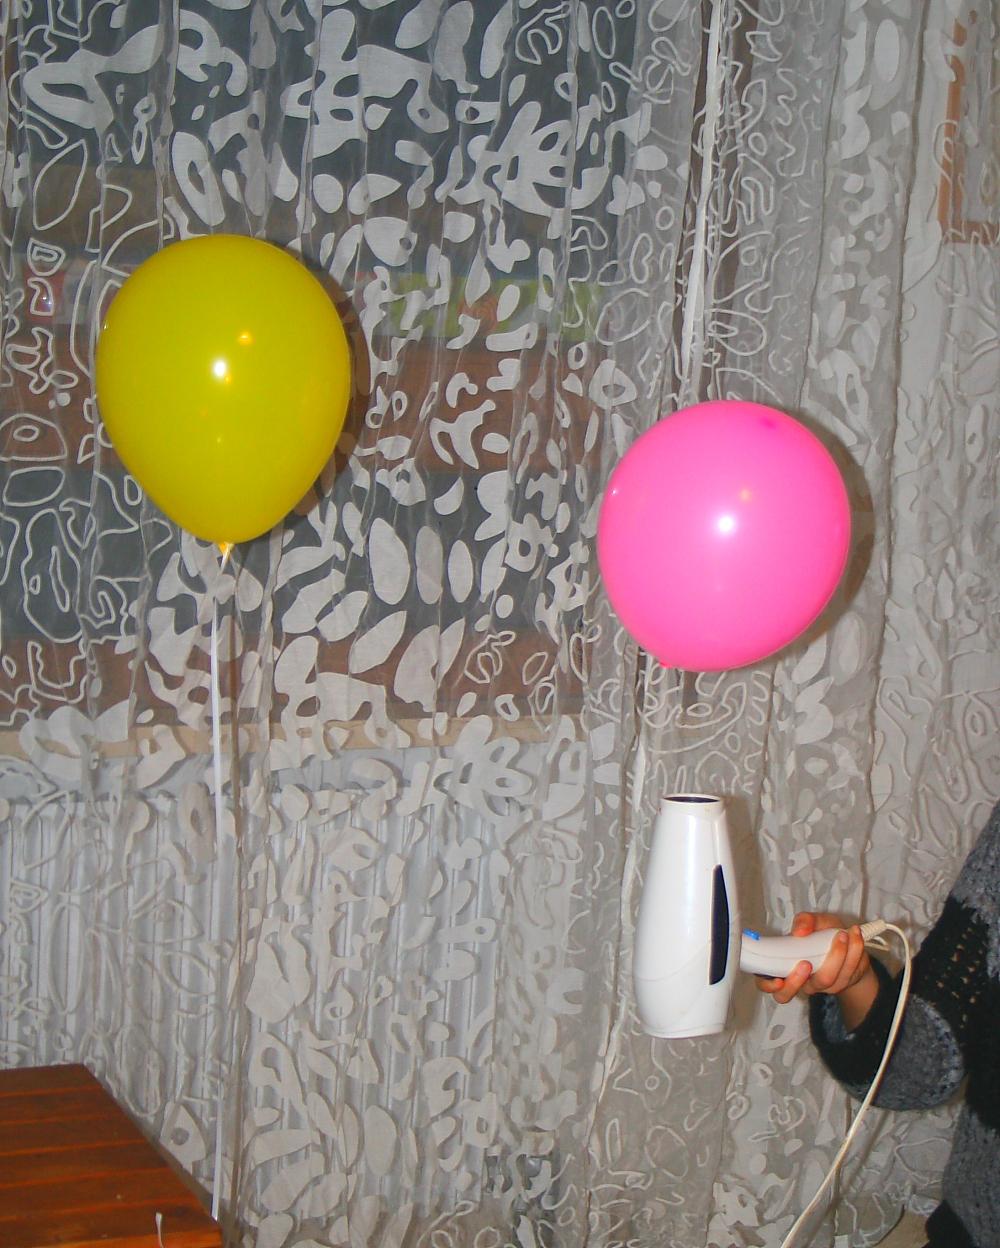 Esperimenti scientifici per bambini - palloncini a elio e legge di Archimede